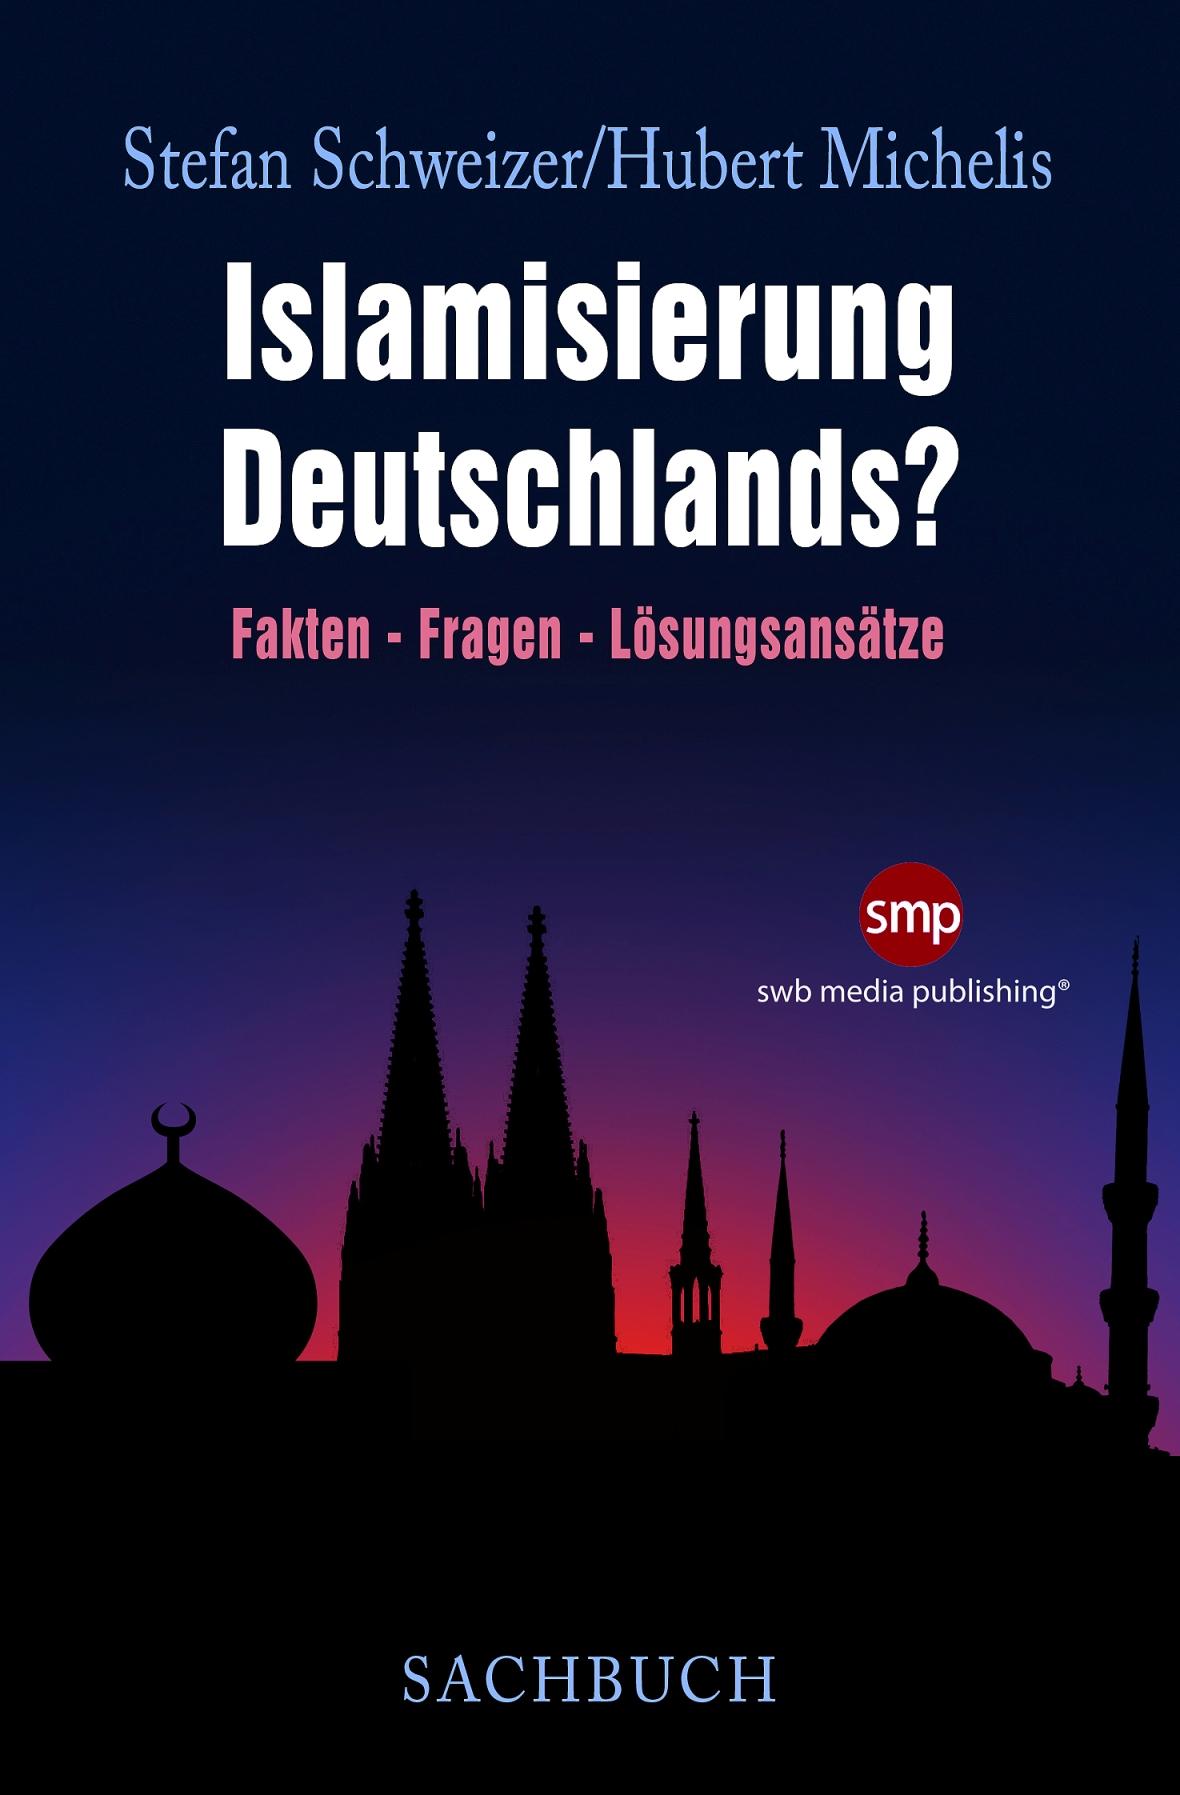 Islamisierung Deutschlands?